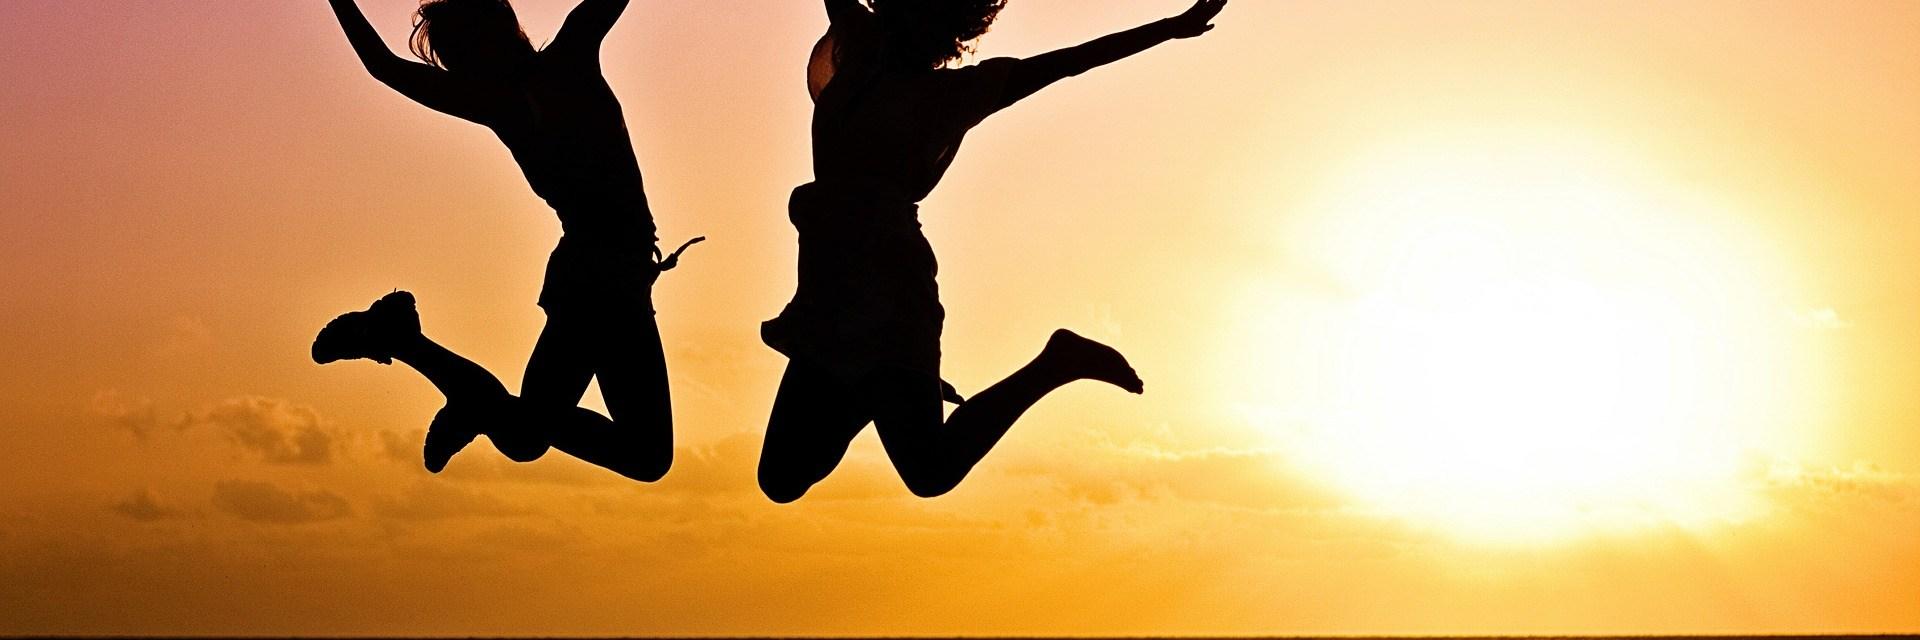 11 стъпки за по-пълноценен живот